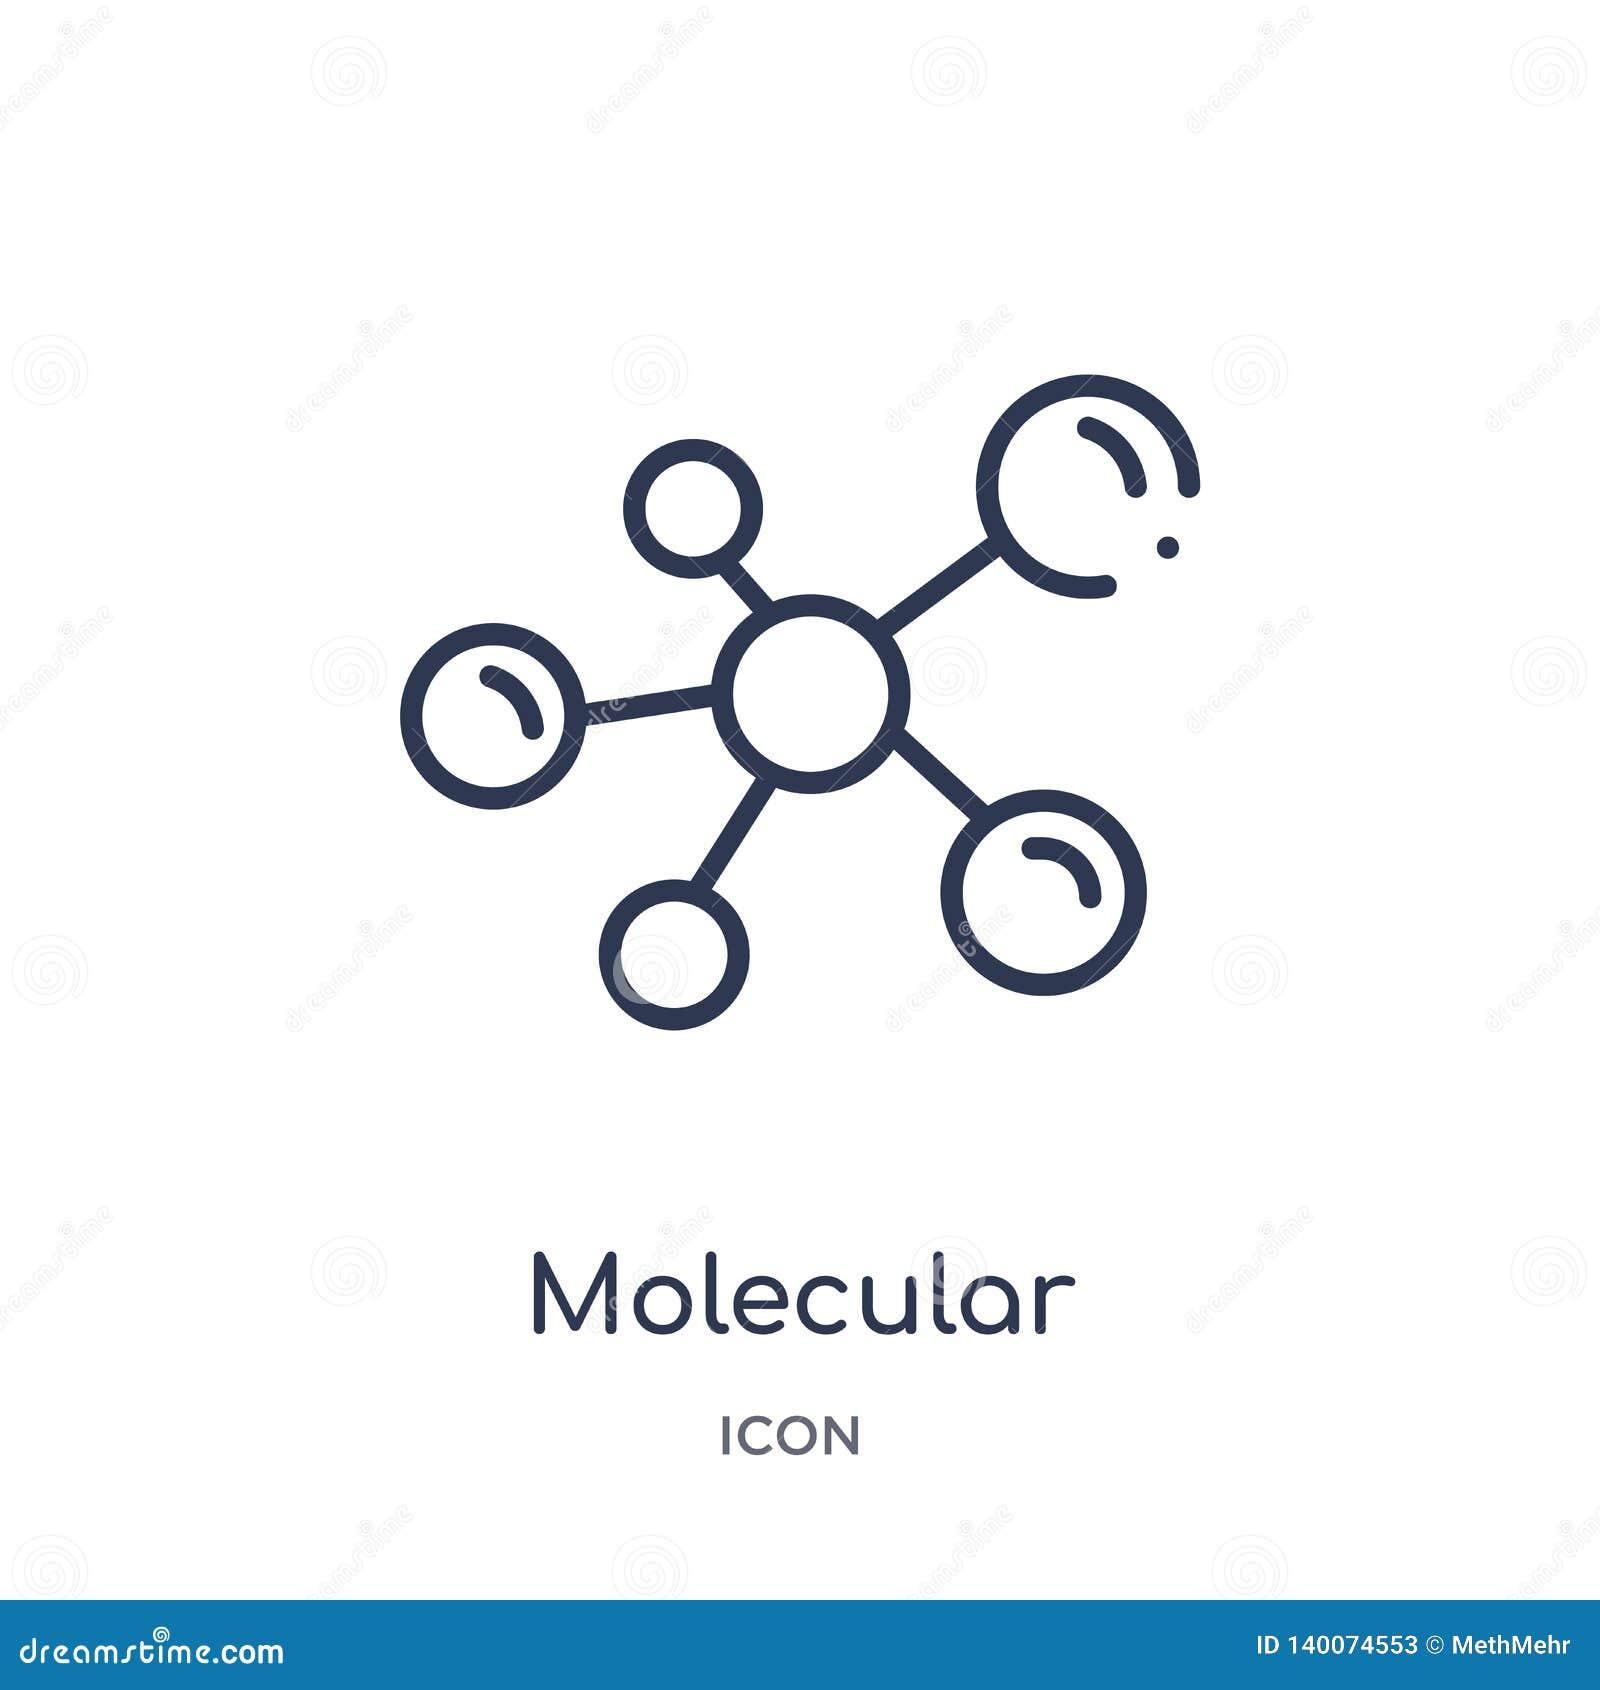 Icono molecular linear de la configuración de la colección médica del esquema Línea fina icono molecular de la configuración aisl